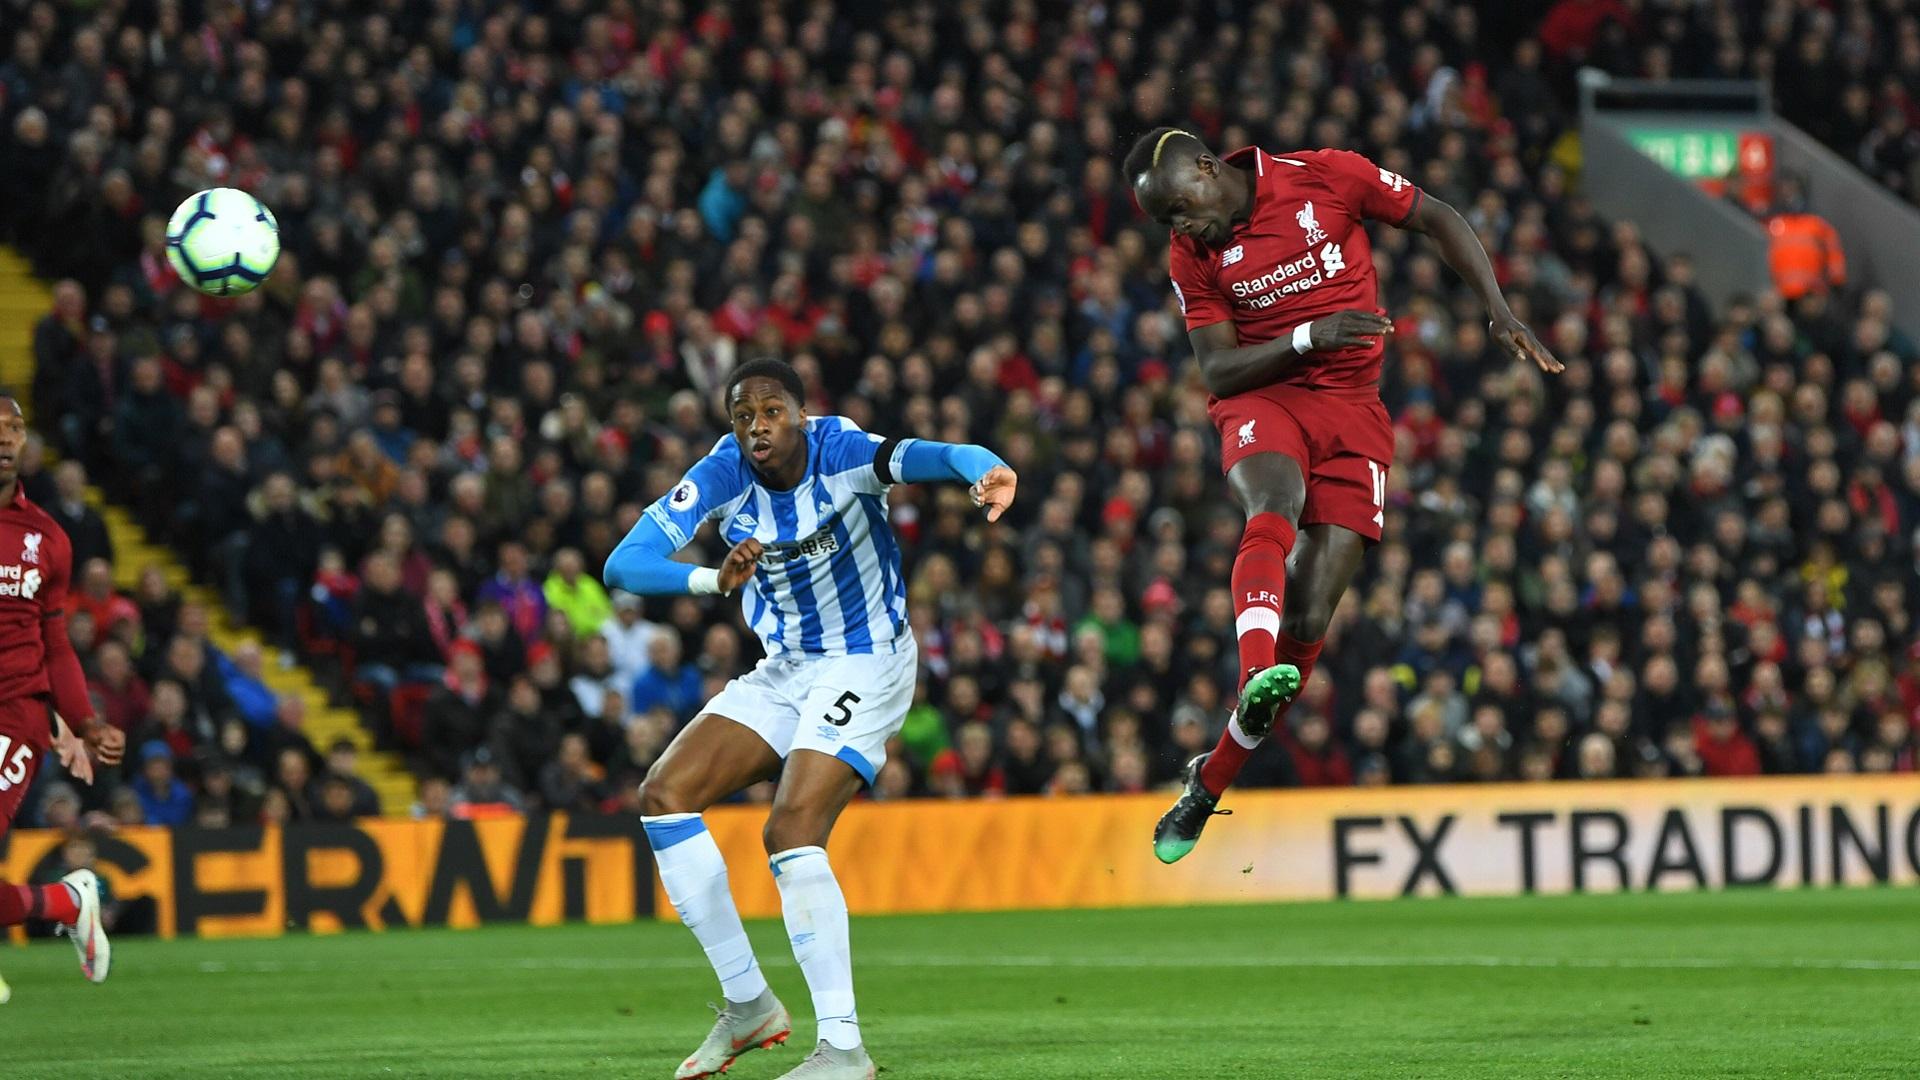 利物浦大胜 克洛普赞马内跳起来像飞人乔丹